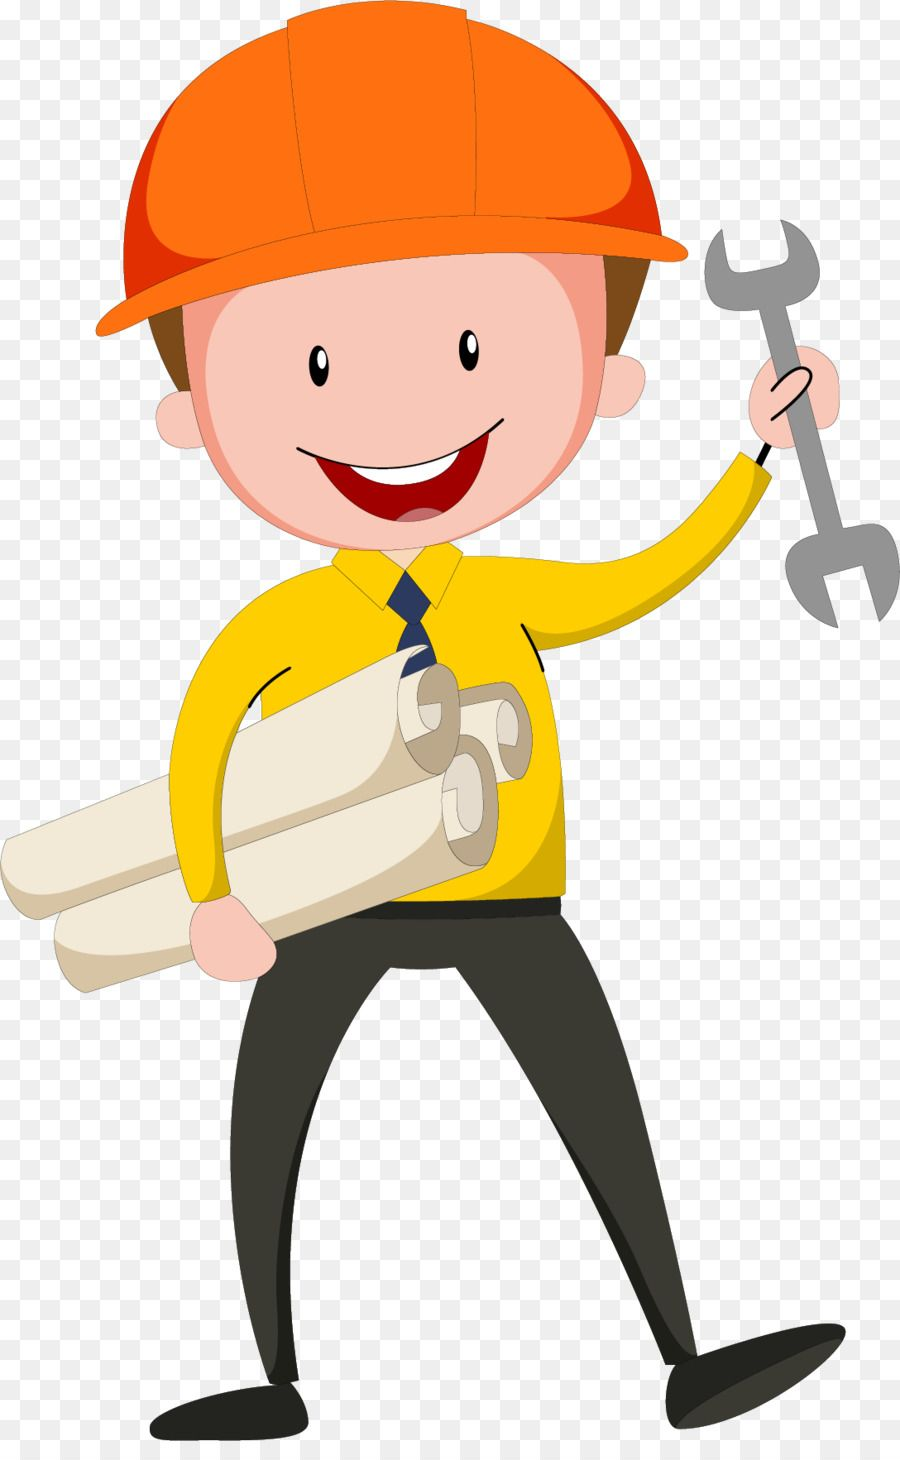 Helmet clipart civil engineer. Engineering design wearing a